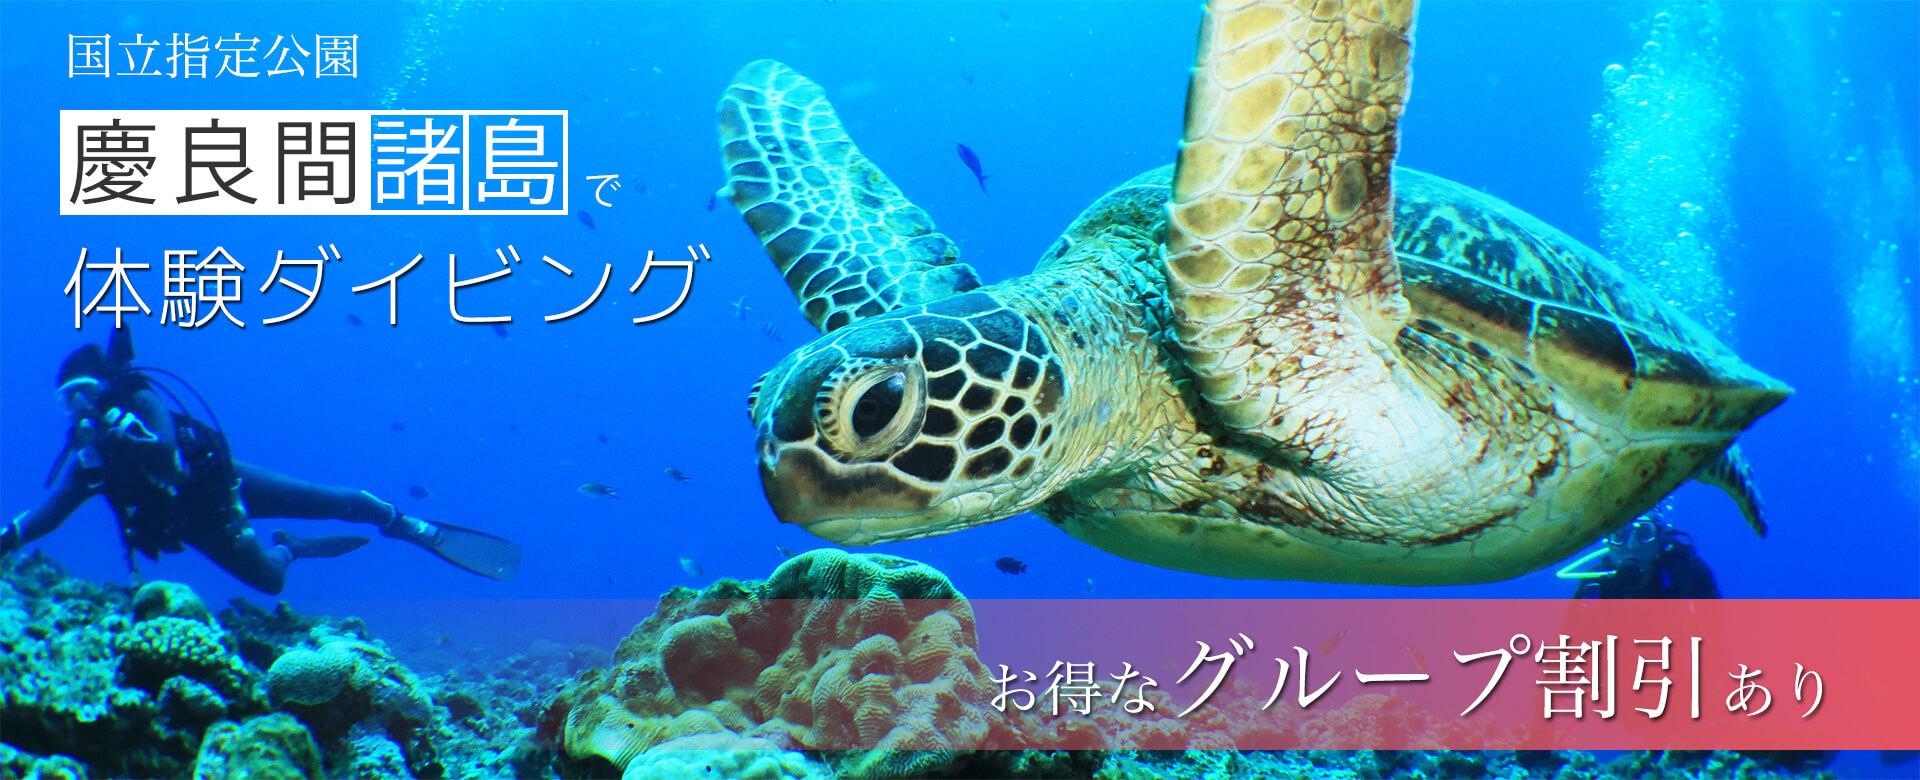 国立指定公園・慶良間諸島で体験ダイビング お得なグループ割引あり